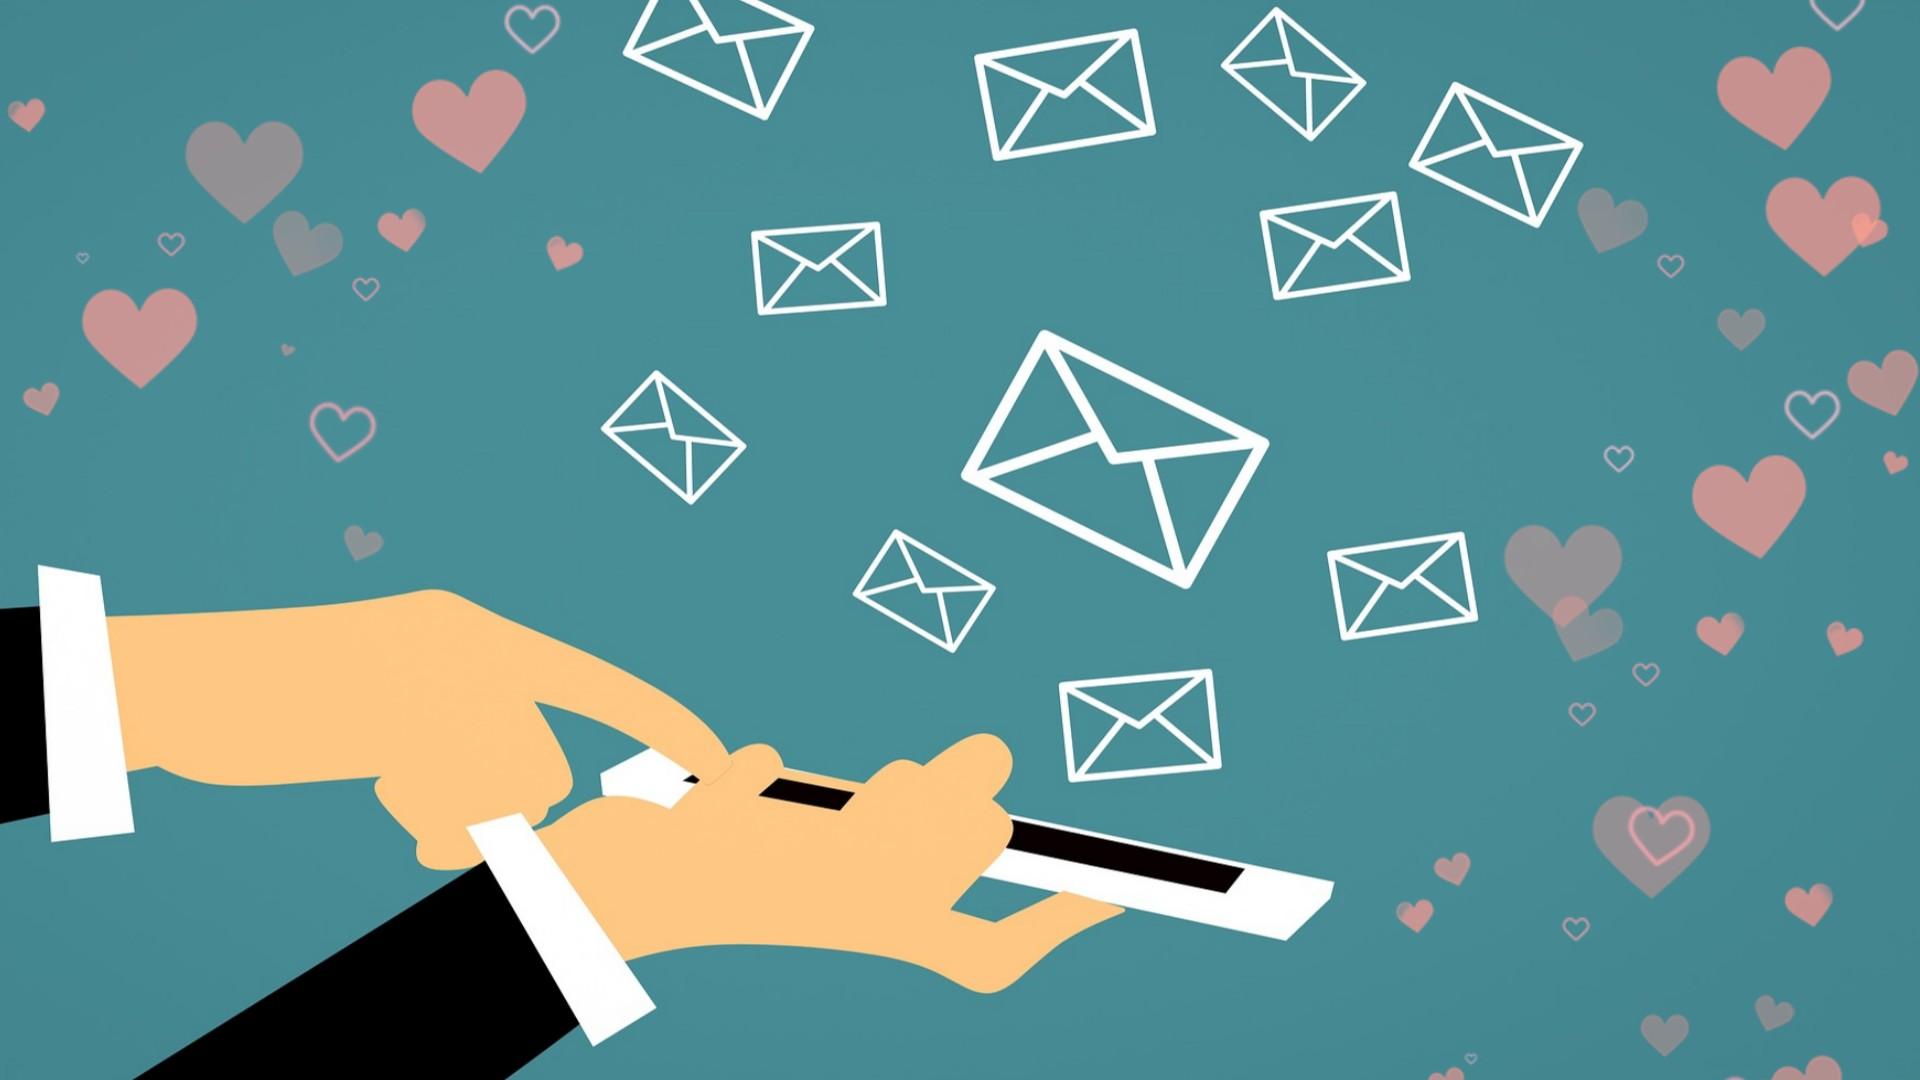 নিউ ইয়ার এসএমএস, হ্যাপি নিউ ইয়ার এসএমএস 2021, নিউ ইয়ার এসএমএস ২০২১, হ্যাপি নিউ ইয়ার sms, হ্যাপি নিউ ইয়ার এর এসএমএস, হ্যাপি নিউ ইয়ার এর sms, new year sms বাংলা, হ্যাপি নিউ ইয়ার এসএমএস বাংলা, হ্যাপি নিউ ইয়ার বাংলা sms, বাংলা নিউ ইয়ার এসএমএস, হেপি নিউ ইয়ার এসএমএস, নতুন বছরের শুভেচ্ছা 2021, ইংরেজি নতুন বছরের শুভেচ্ছা, নতুন বছরের শুভেচ্ছা sms, ইংরেজী নতুন বছরের এসএমএস